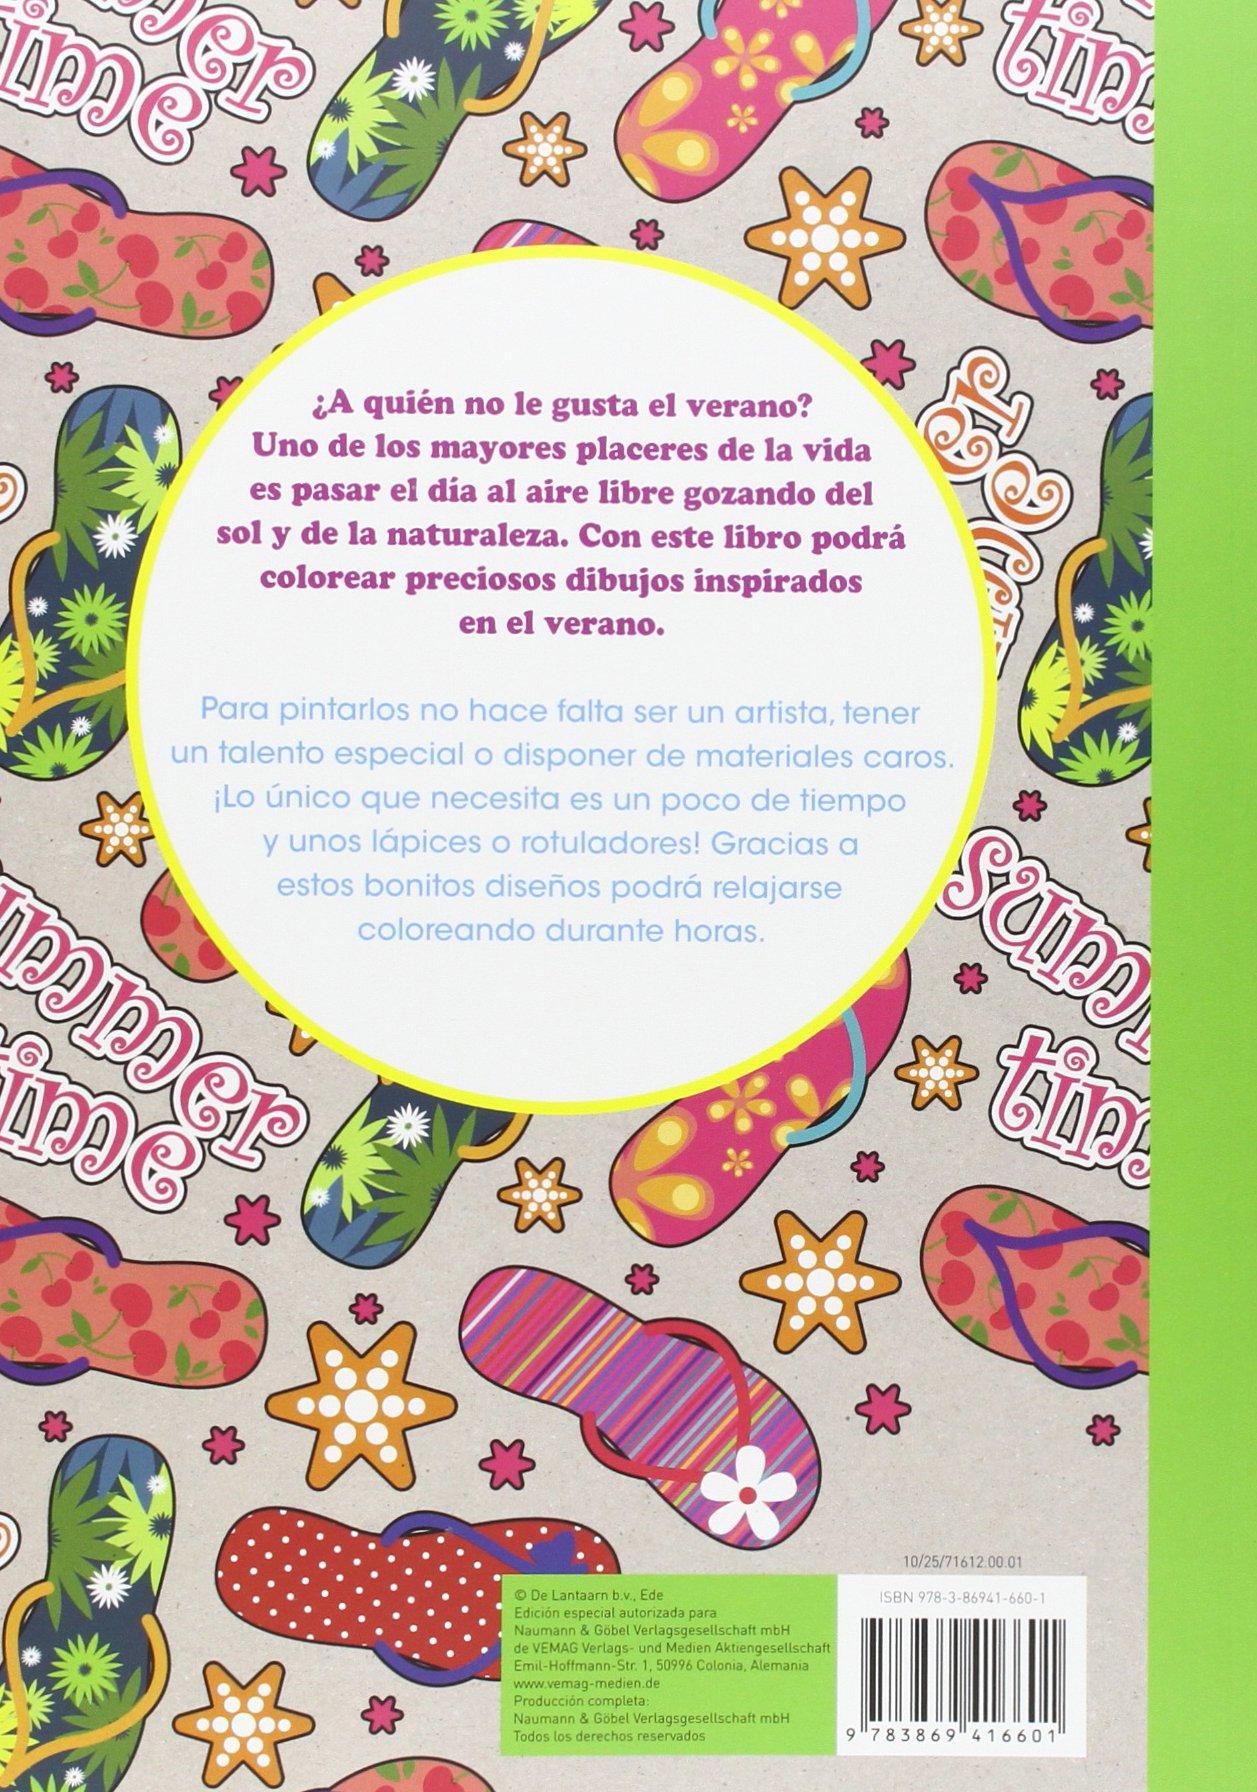 Los colores del verano: Pintar para relajarse: VV.AA.: 9783869416601: Amazon.com: Books